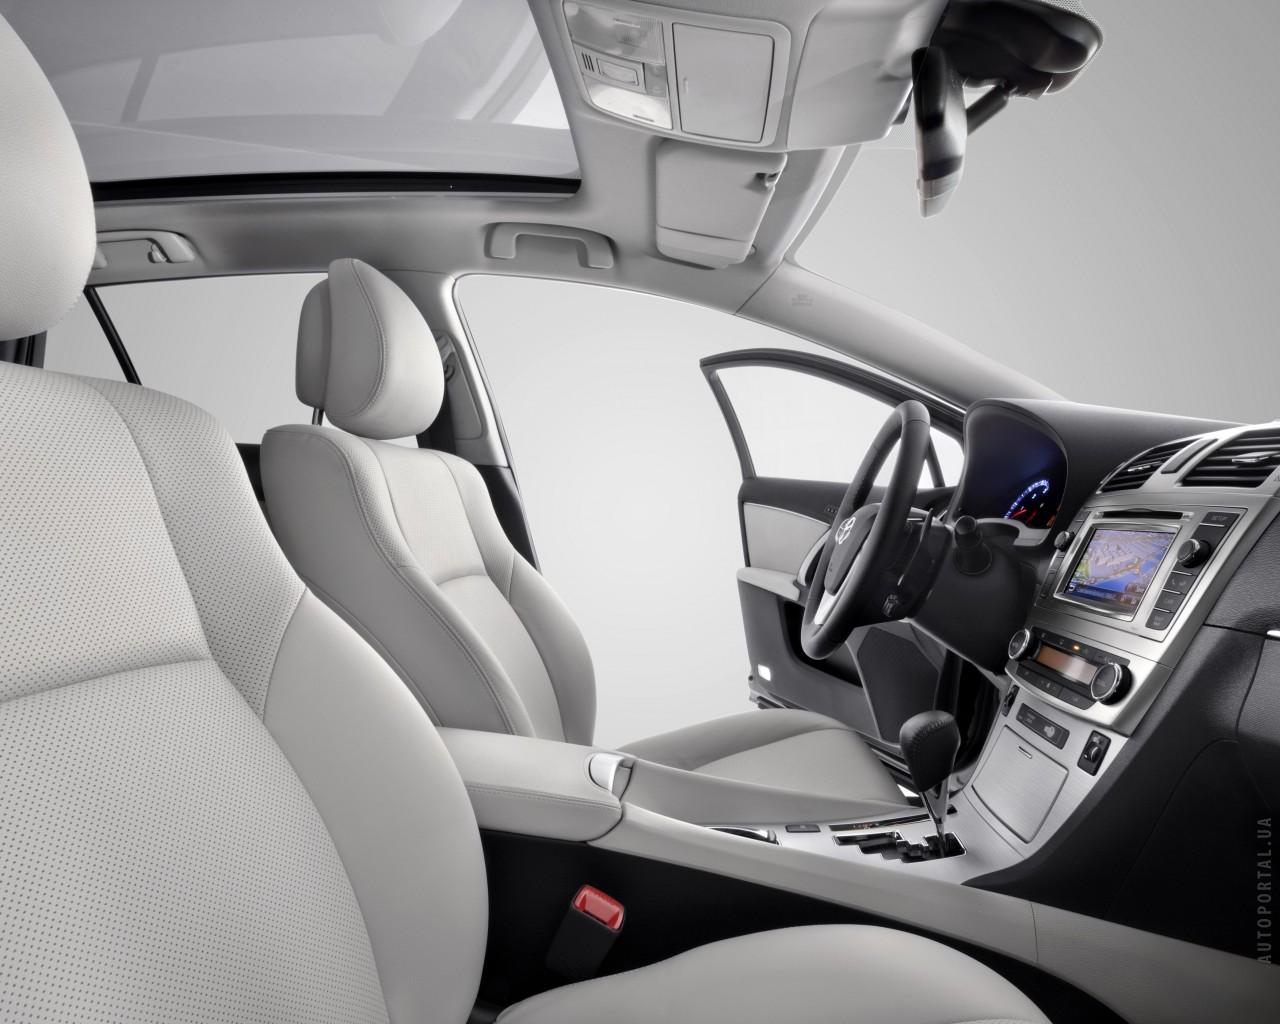 Тойота Авенсис технические характеристики. Toyota Avensis ...